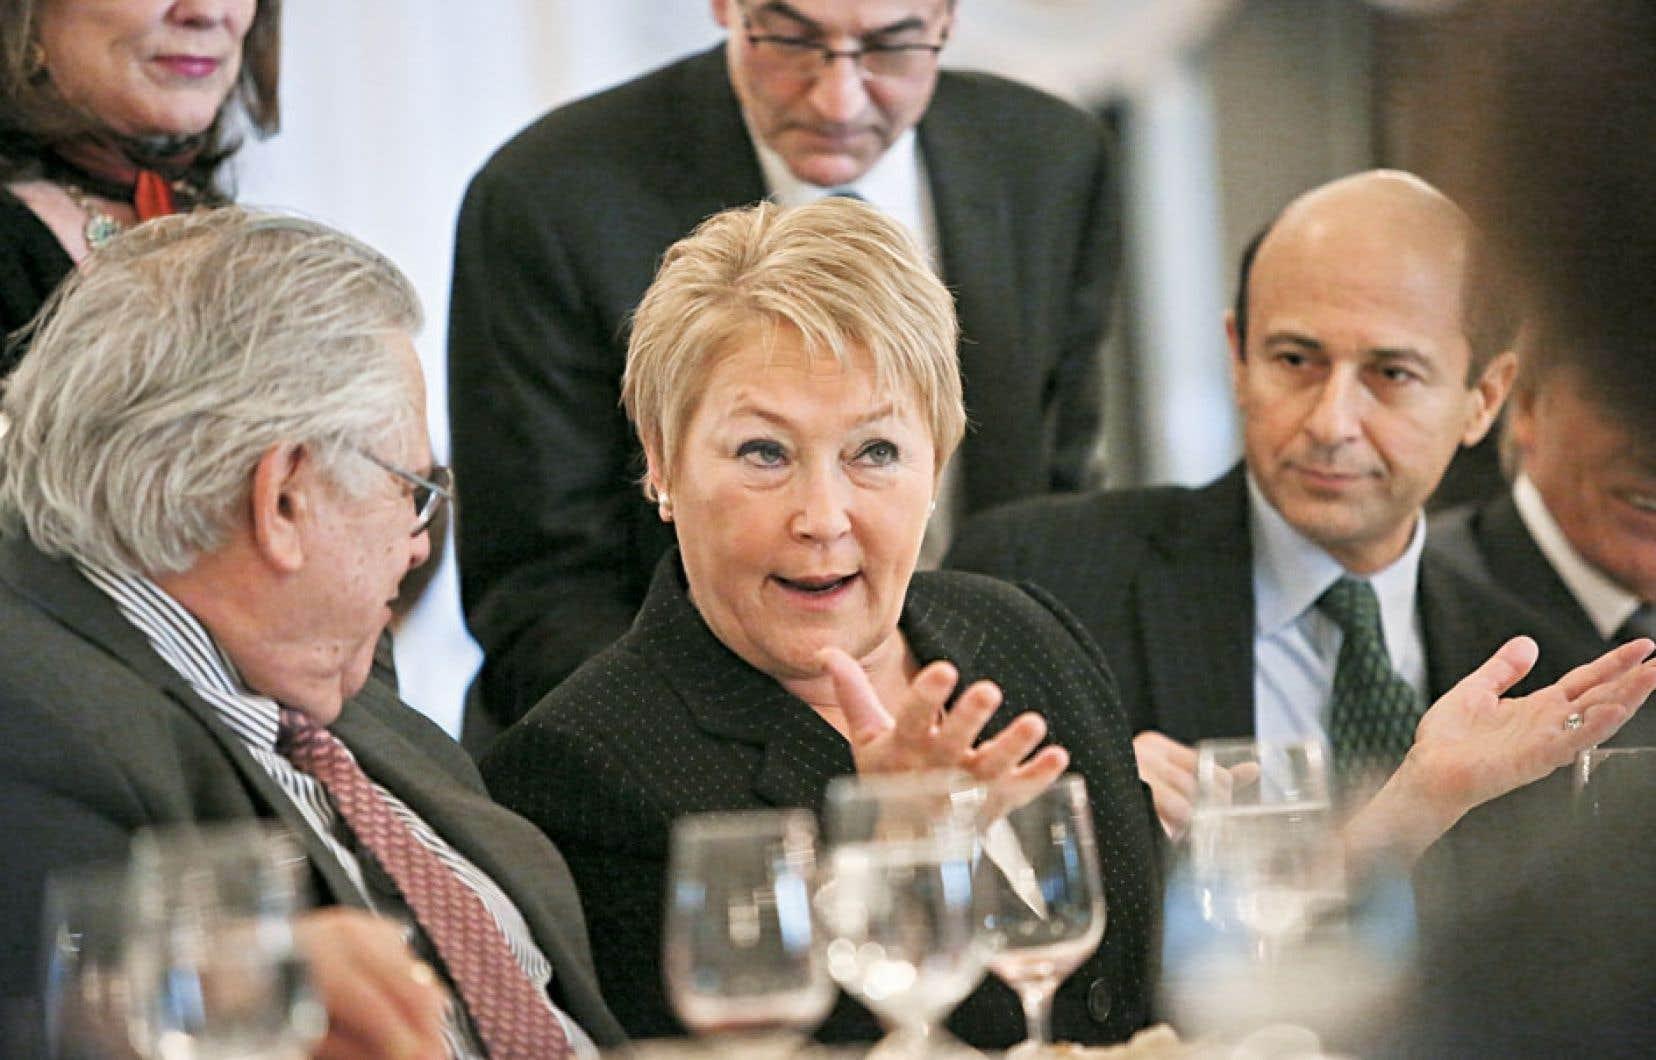 La première ministre du Québec, Pauline Marois, discute avec le vice-président de la Foreign Policy Association, Robert Miller (à gauche), et le président de l'organisme, Noel Lateef (à droite), avant son allocution.